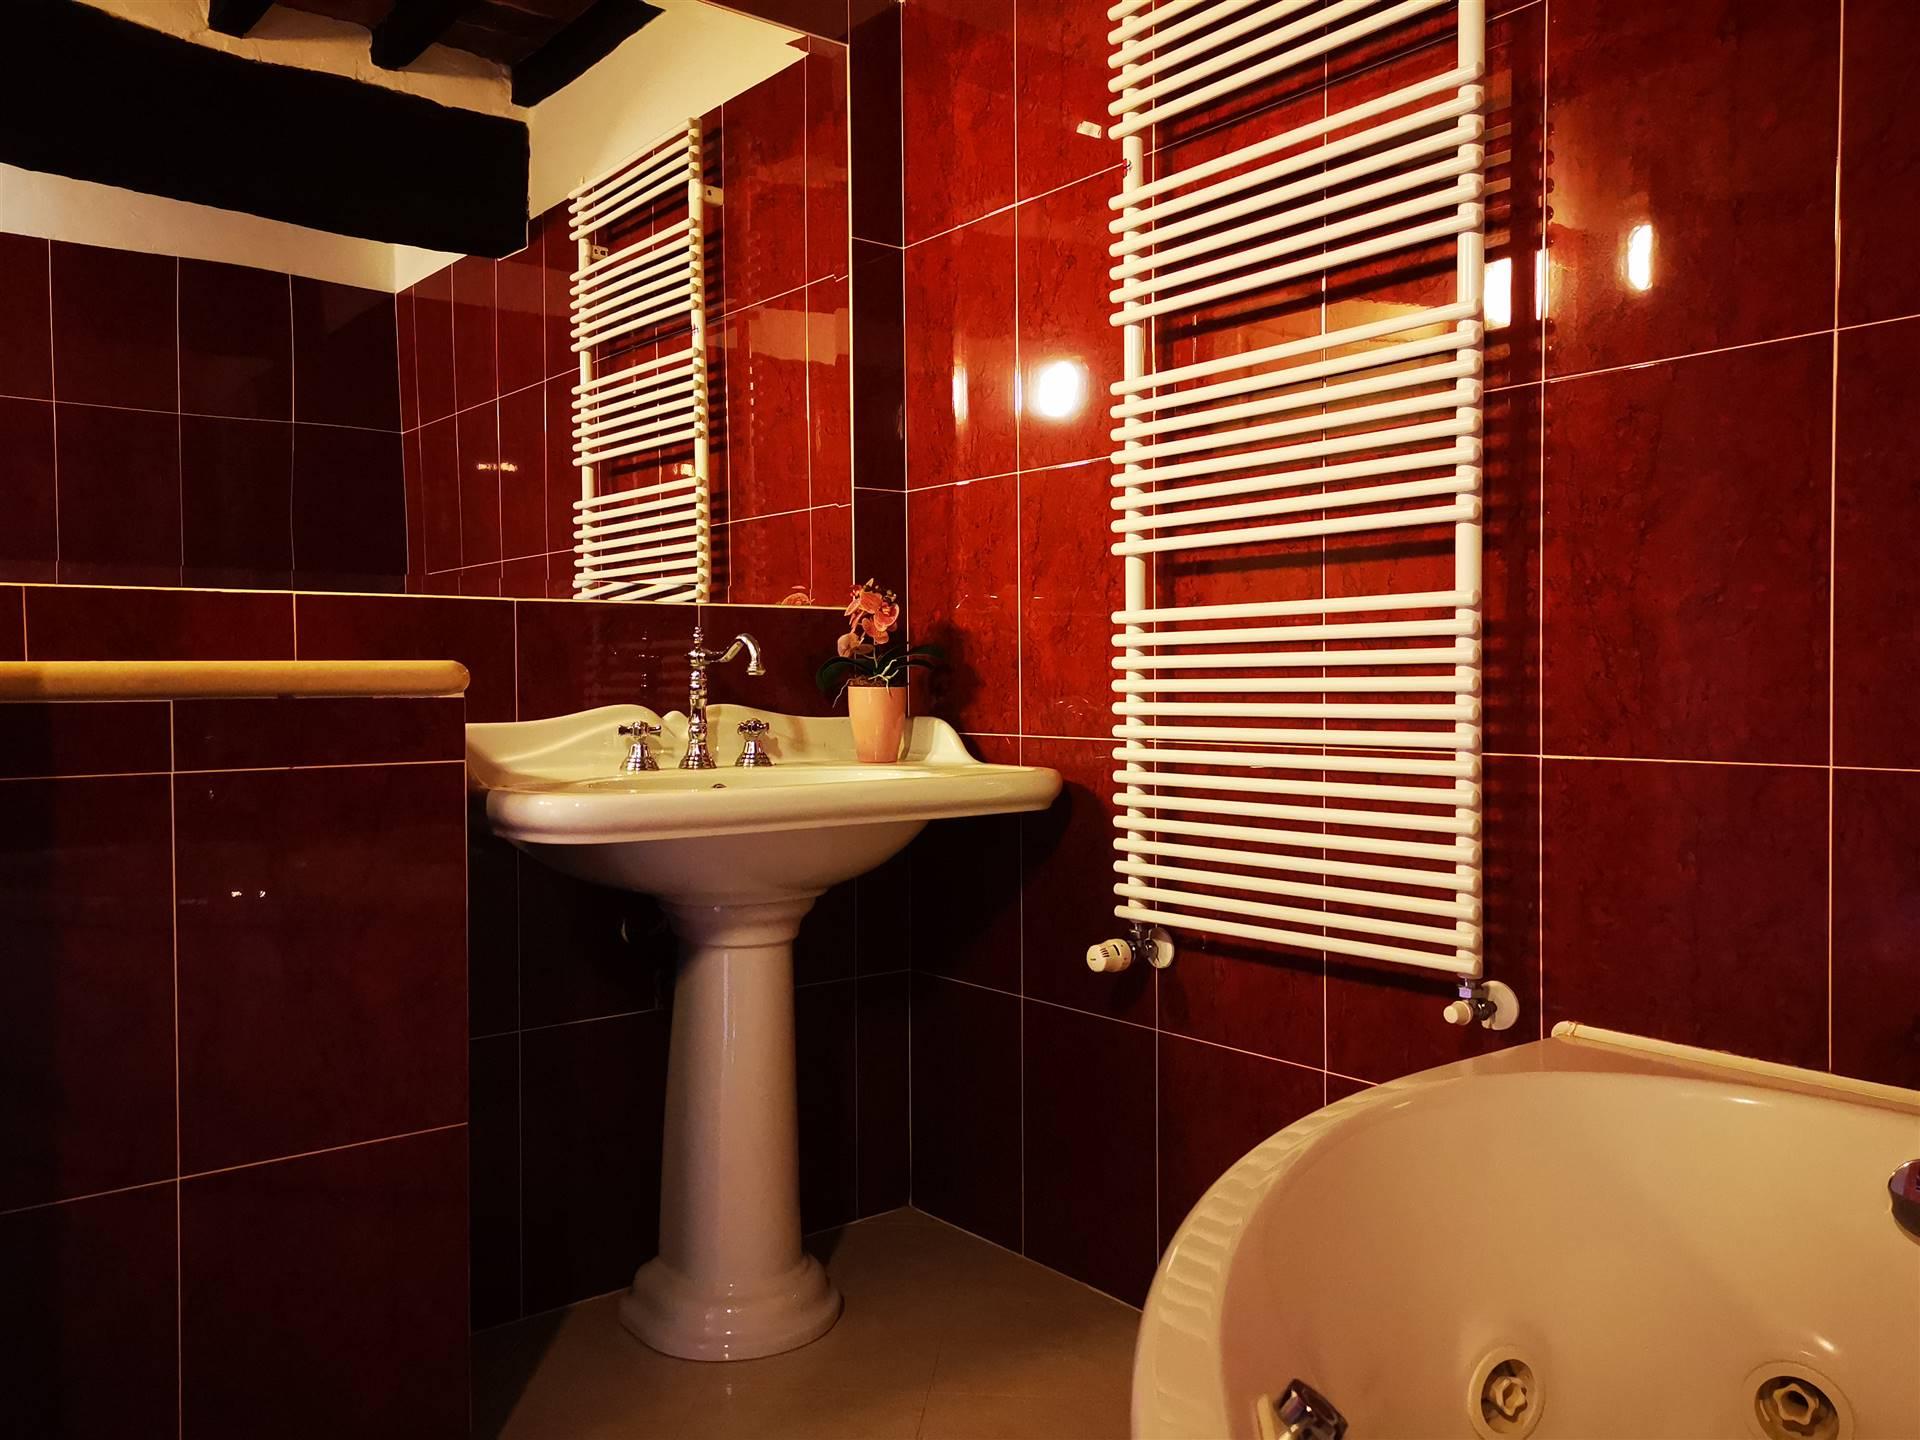 Bagnoe ensuite master bedroom